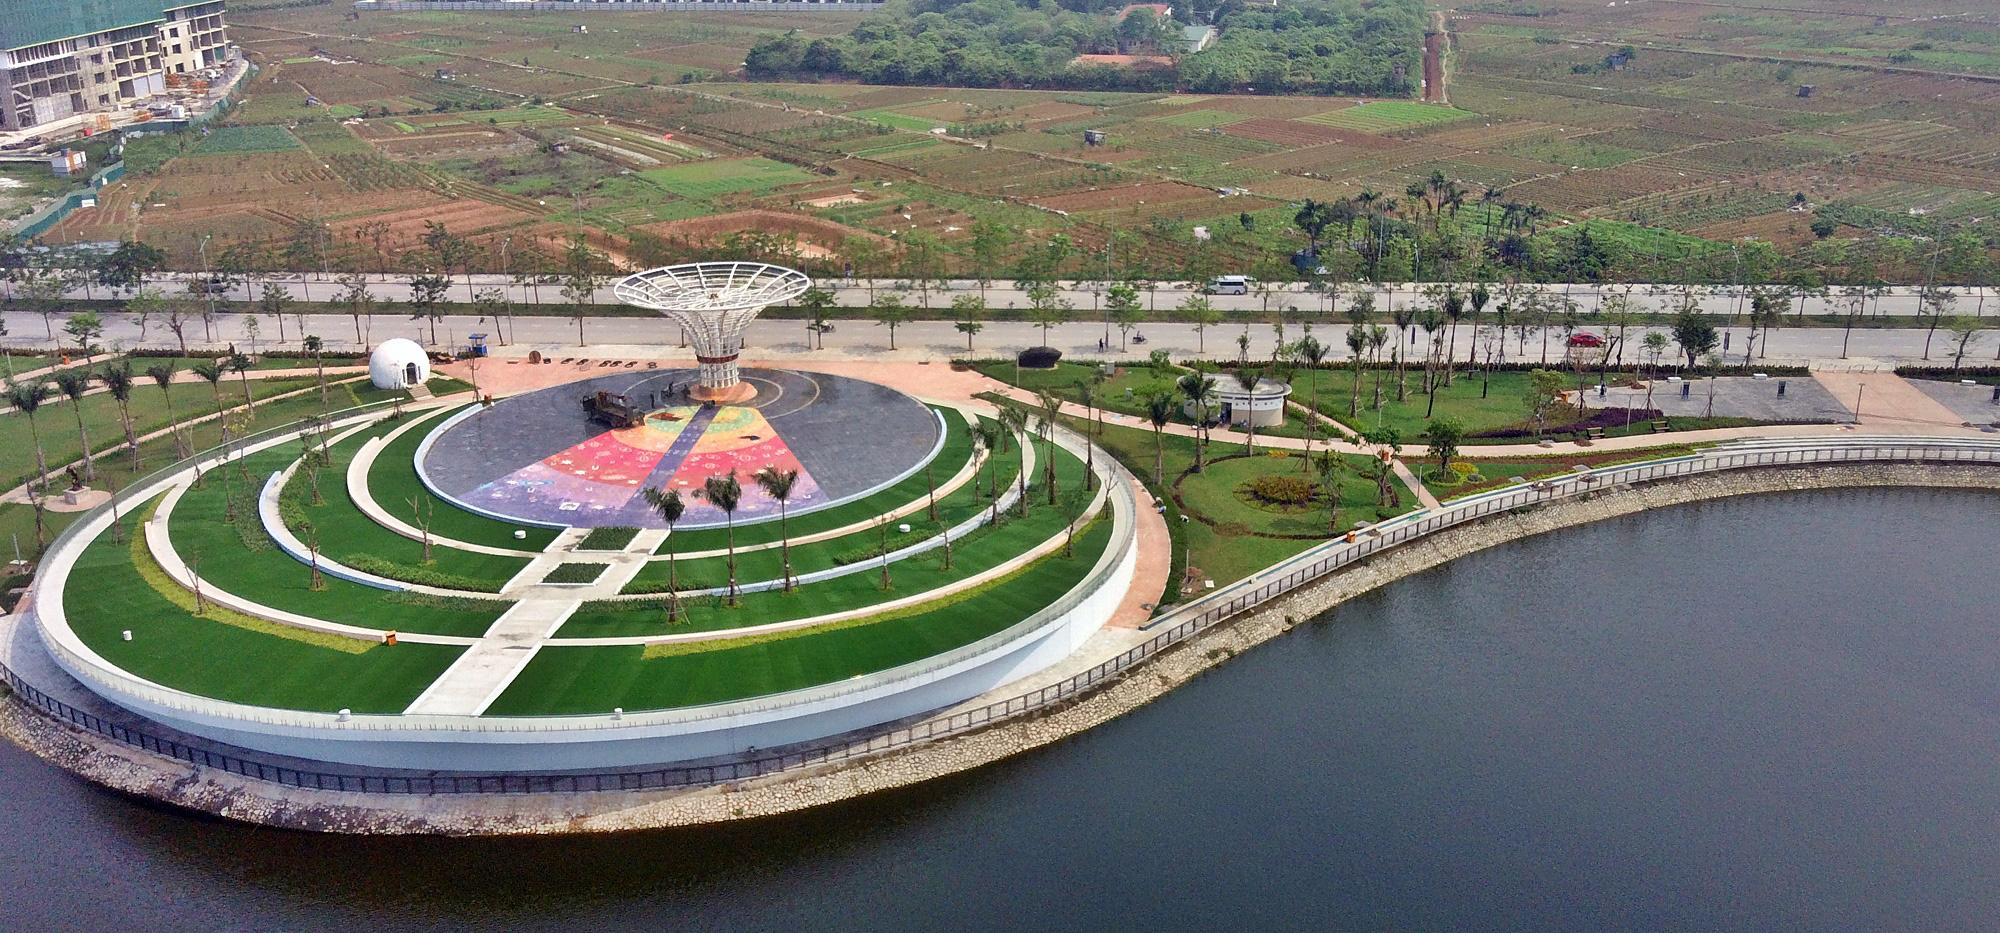 Công viên Thiên văn học đầu tiên Đông Nam Á ở KĐT Dương Nội đẹp lung linh nhìn từ trên cao - Ảnh 6.